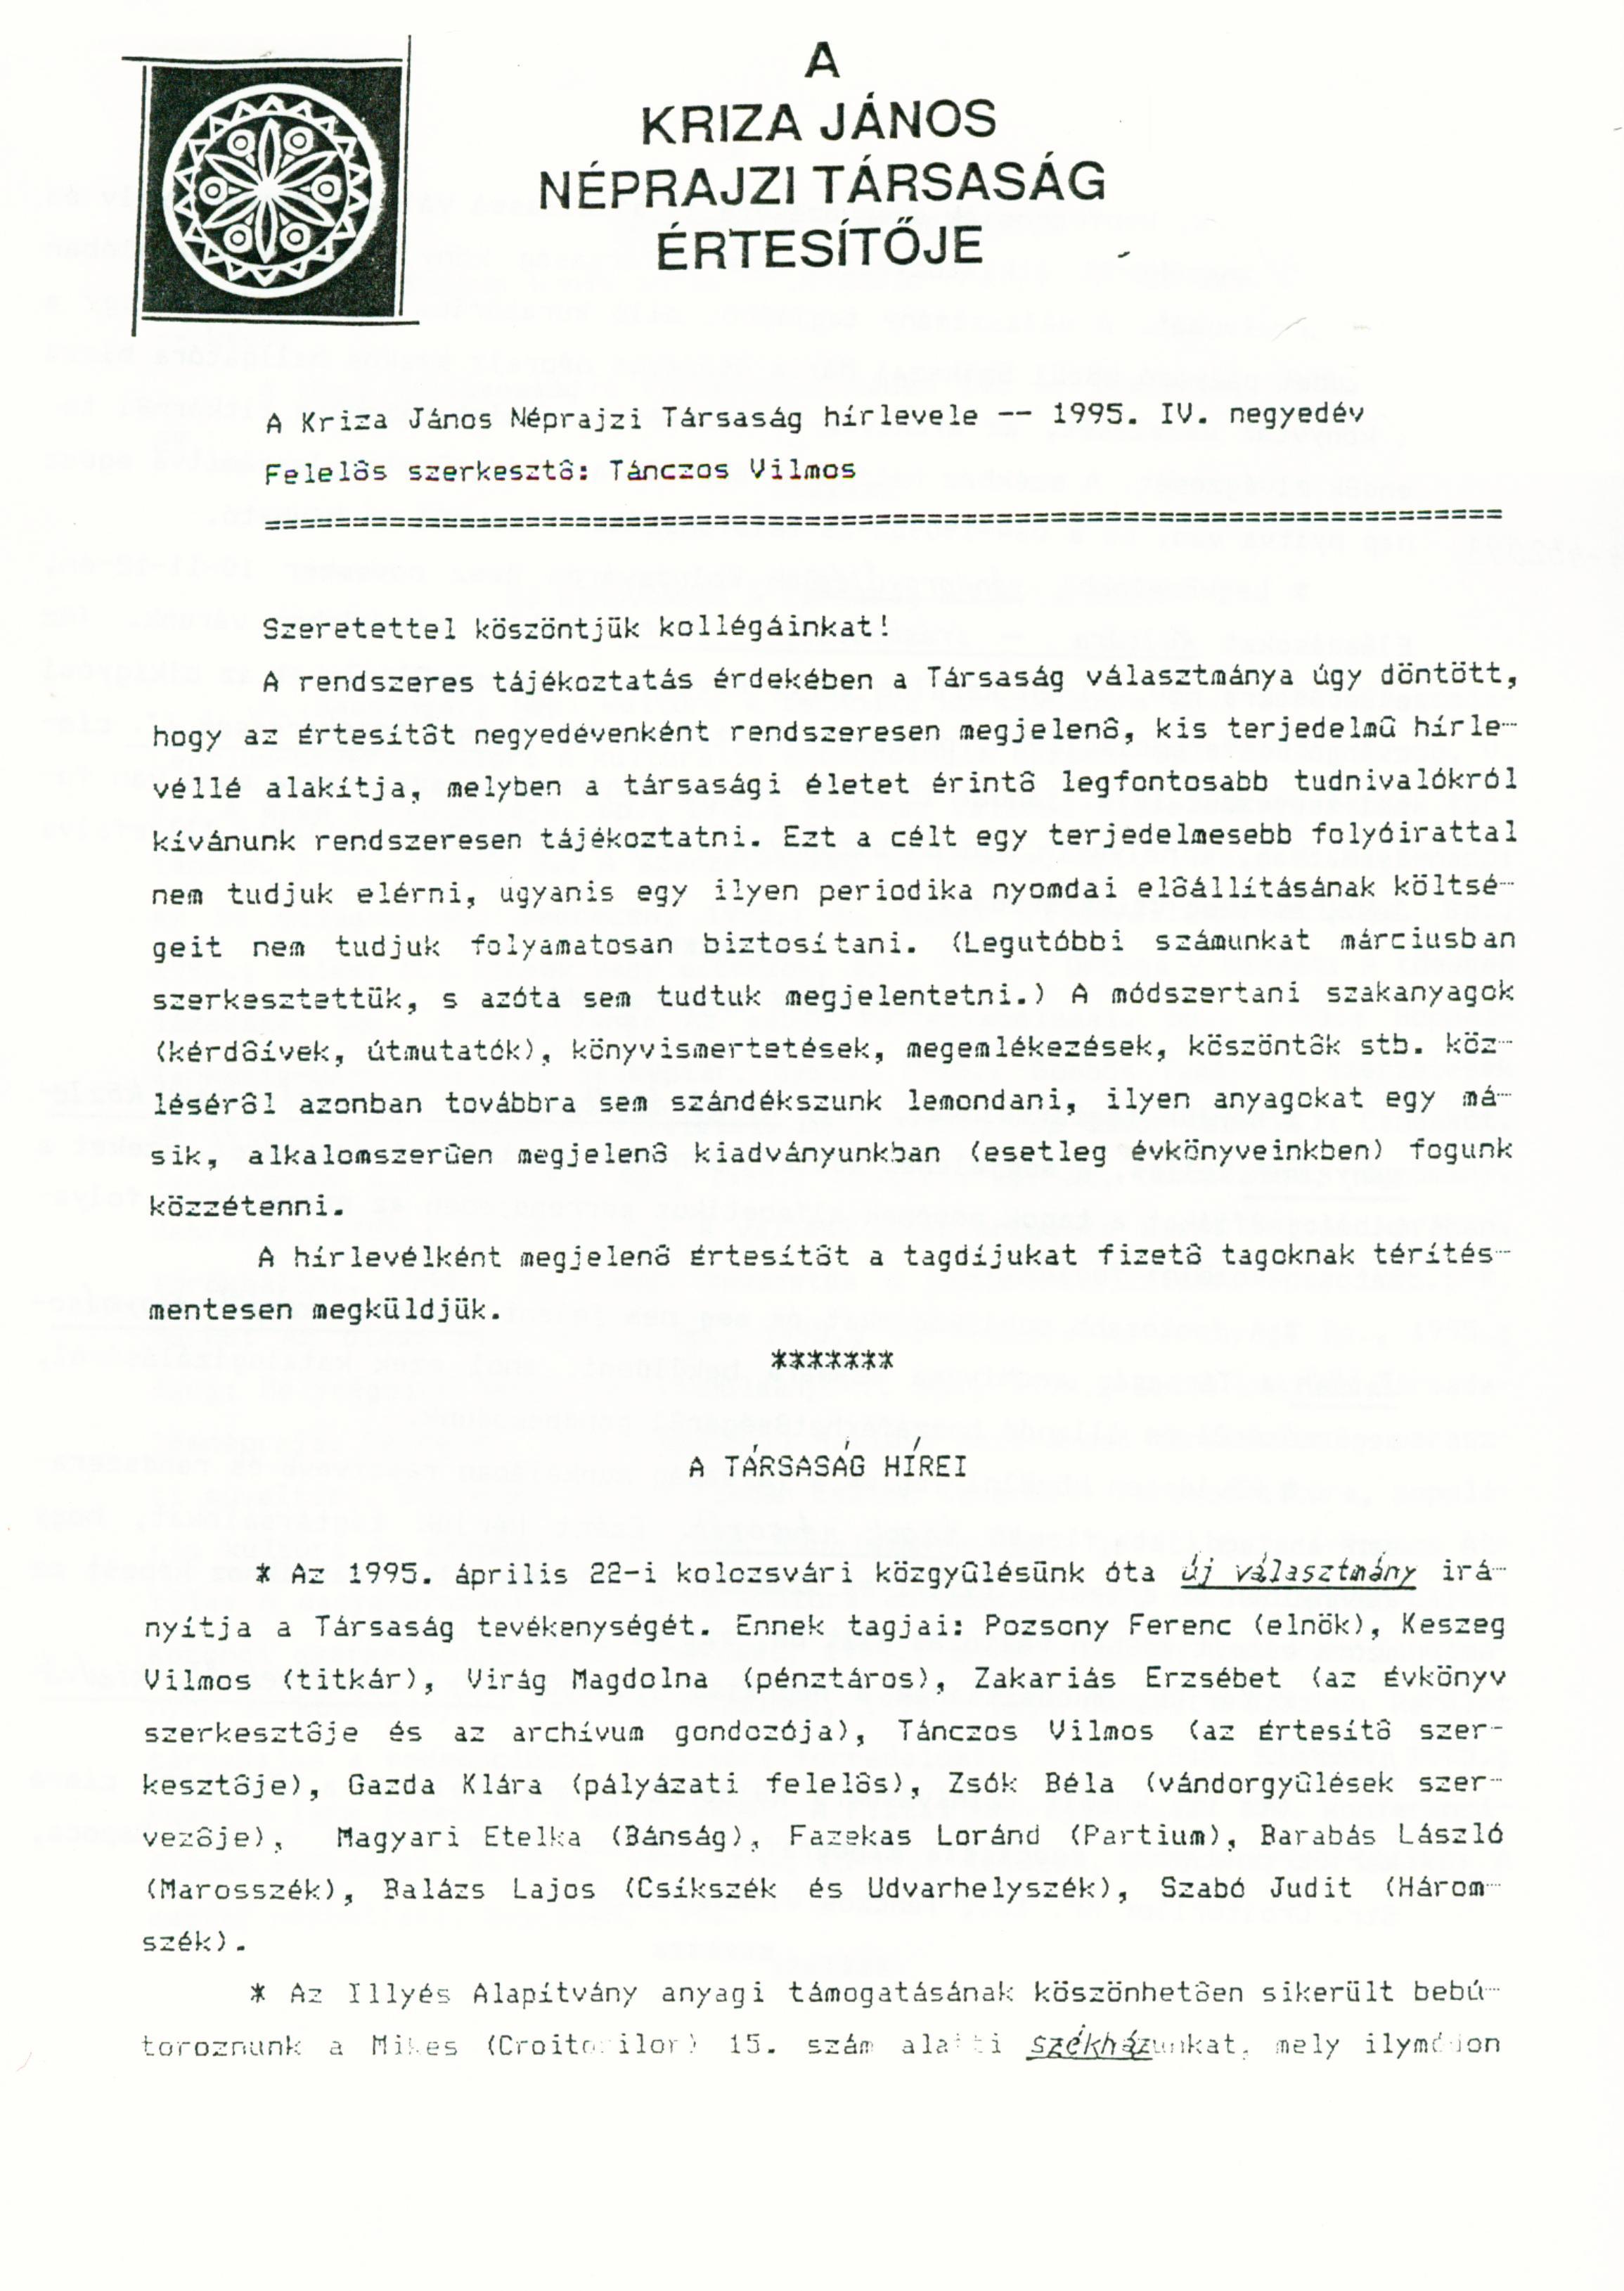 A Kriza János Néprajzi Társaság Értesítője. V. évf. 4. sz.